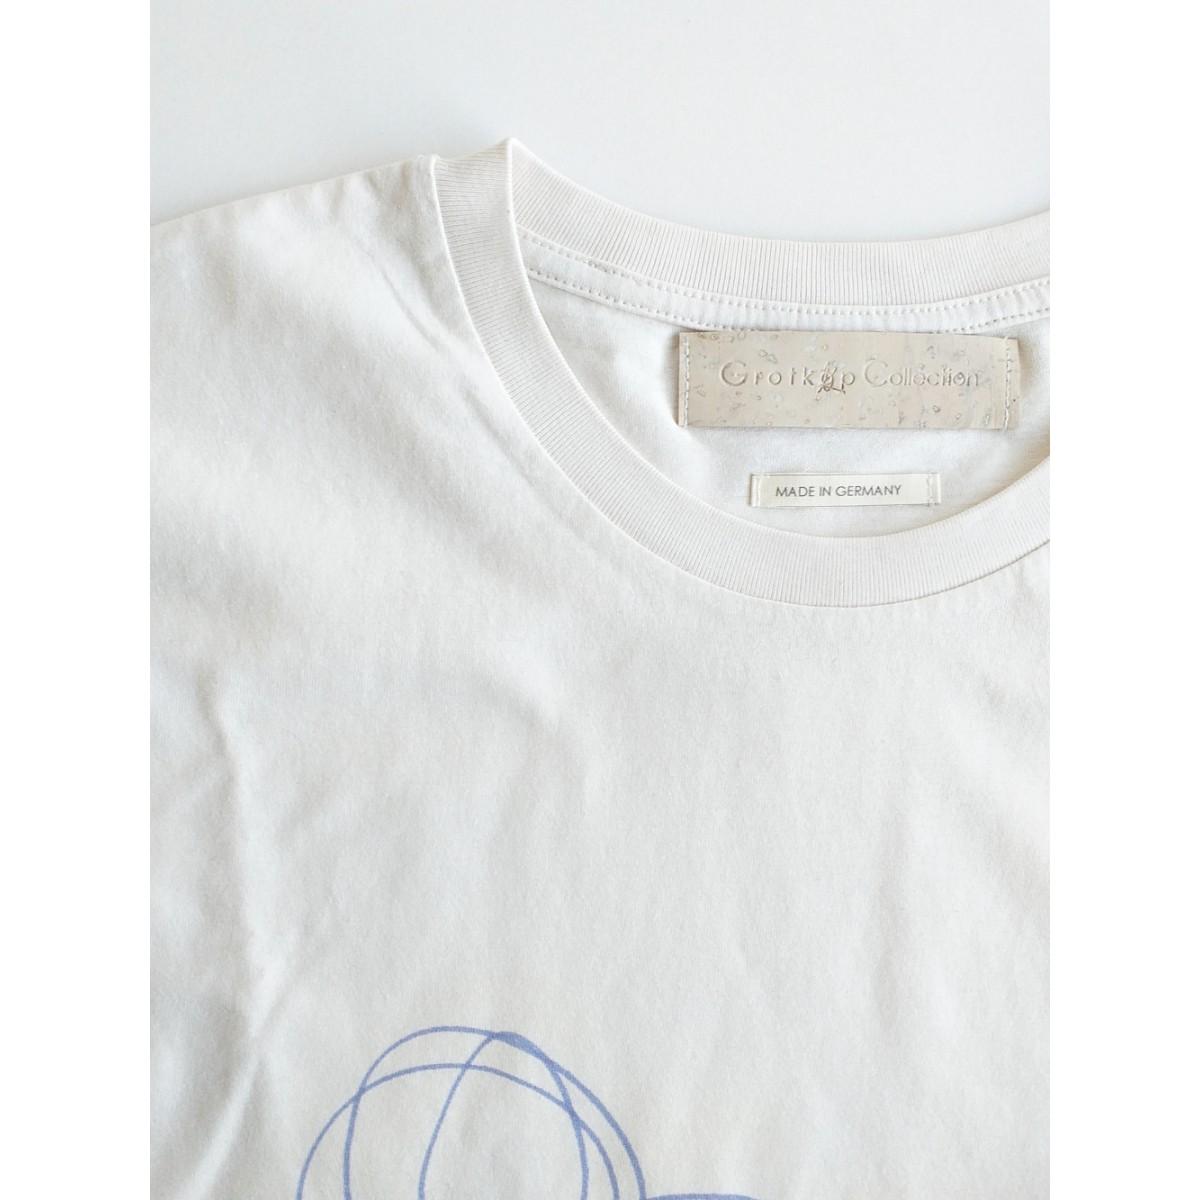 Grotkop Collection GrumpyBear T-Shirt, GOTS zertifiziert